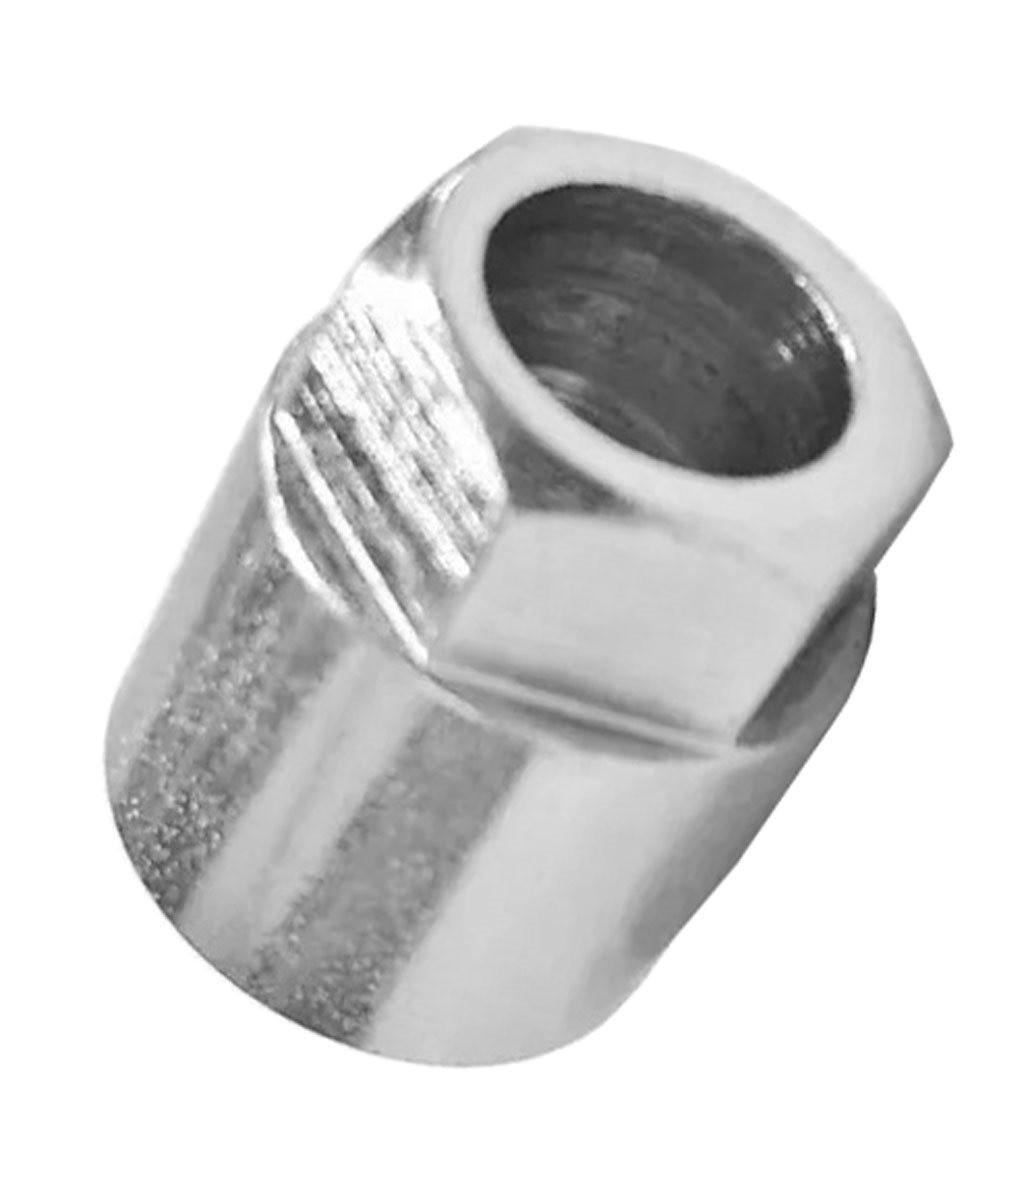 Porca externa da embreagem para Mobylette M11